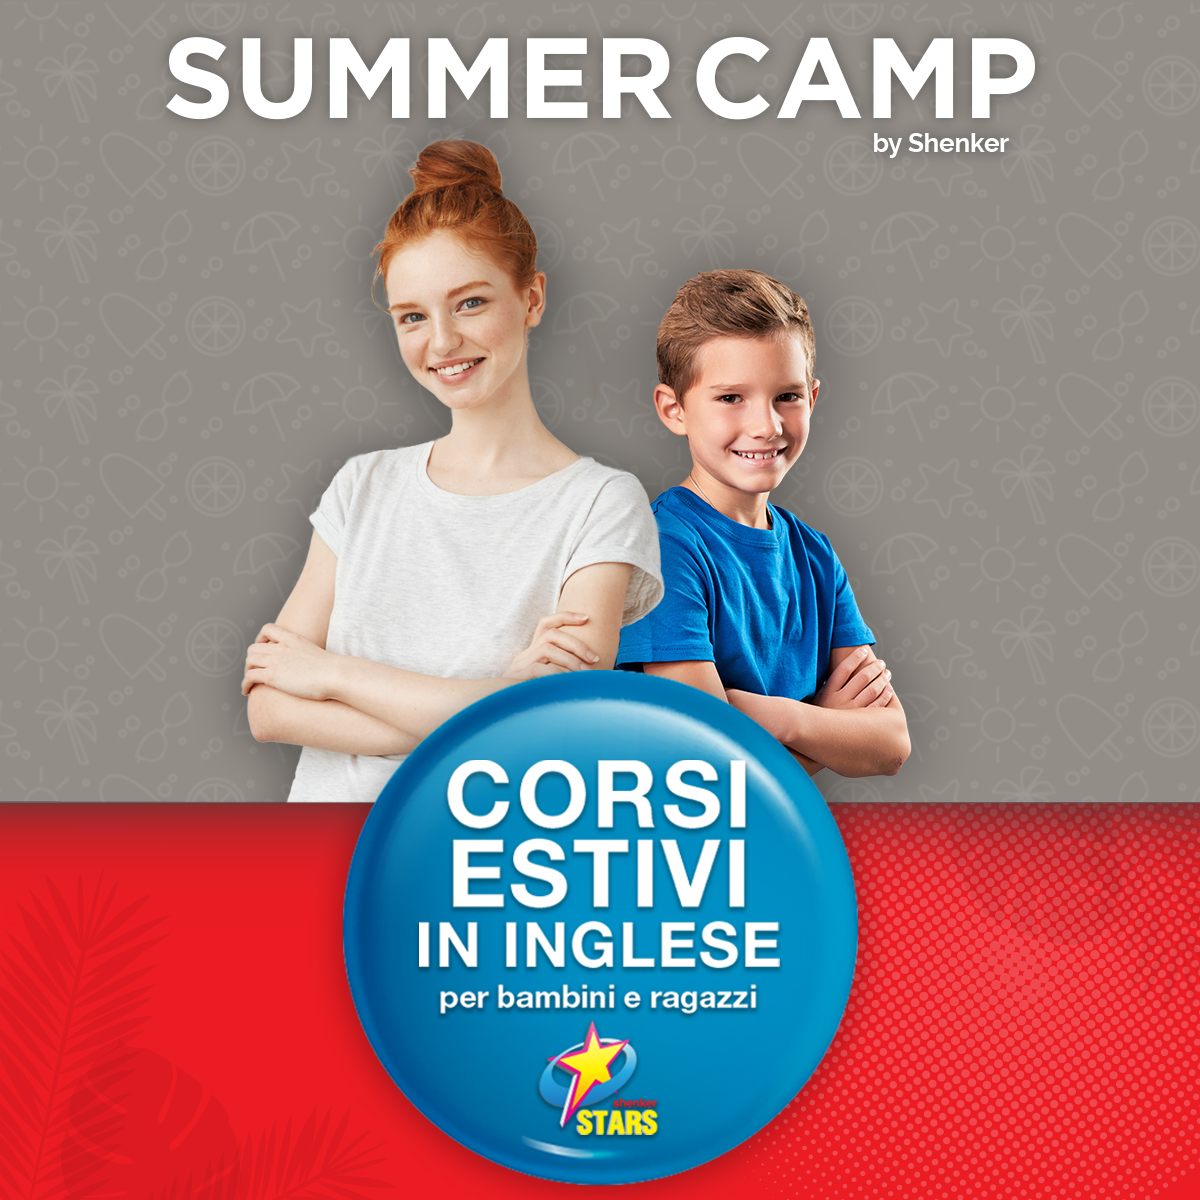 summer camp corsi estivi per bambini e ragazzi